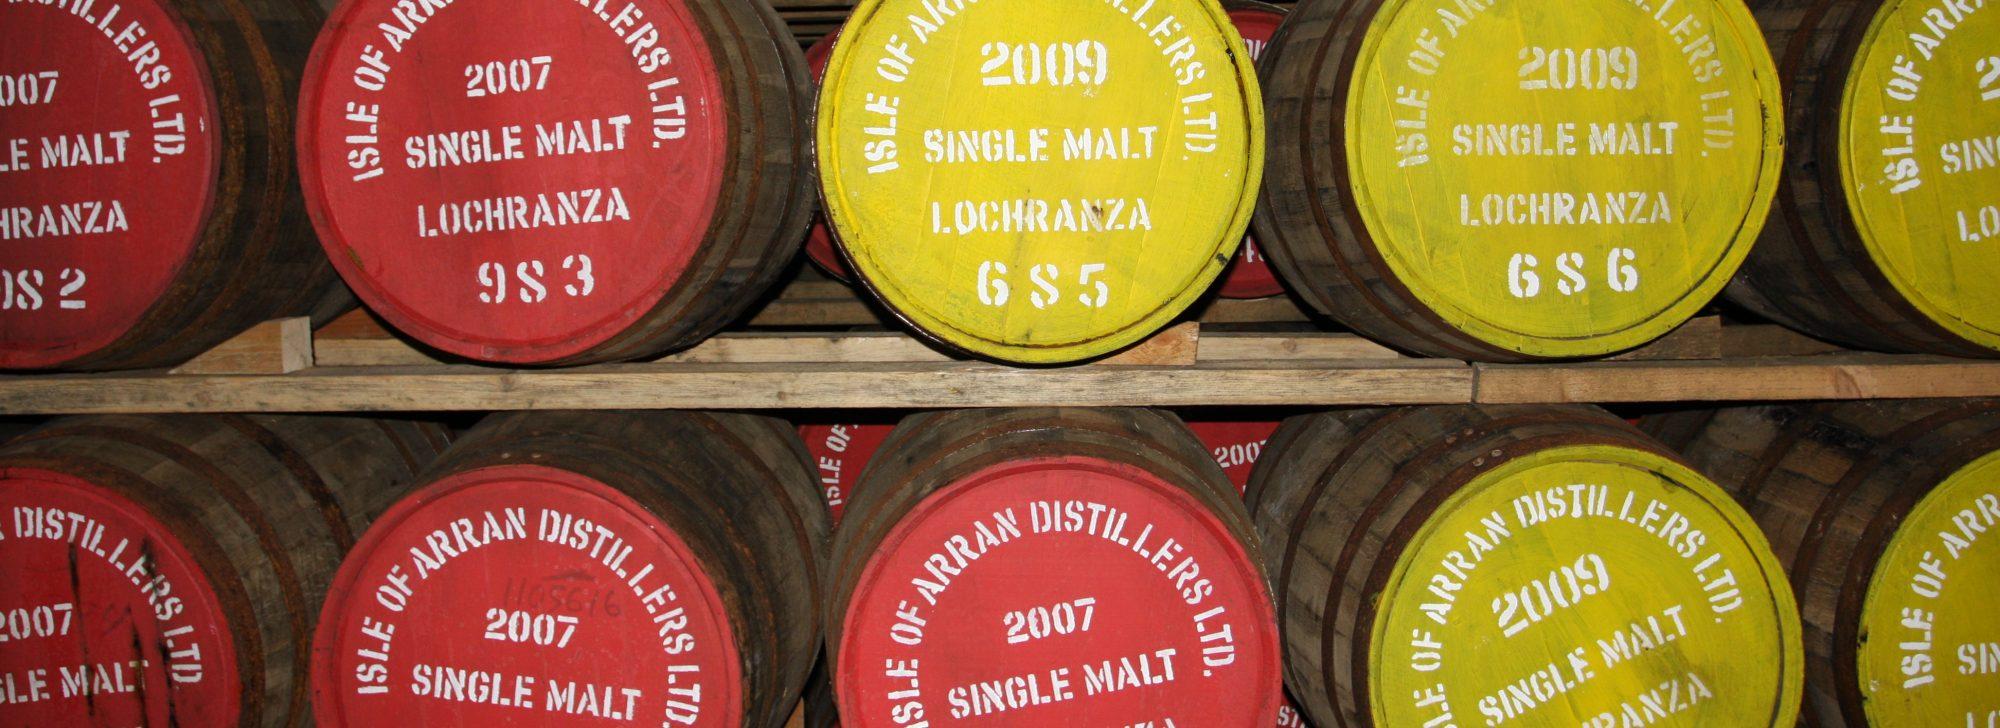 Ydre Fleckeröe Malt Whisky Laug